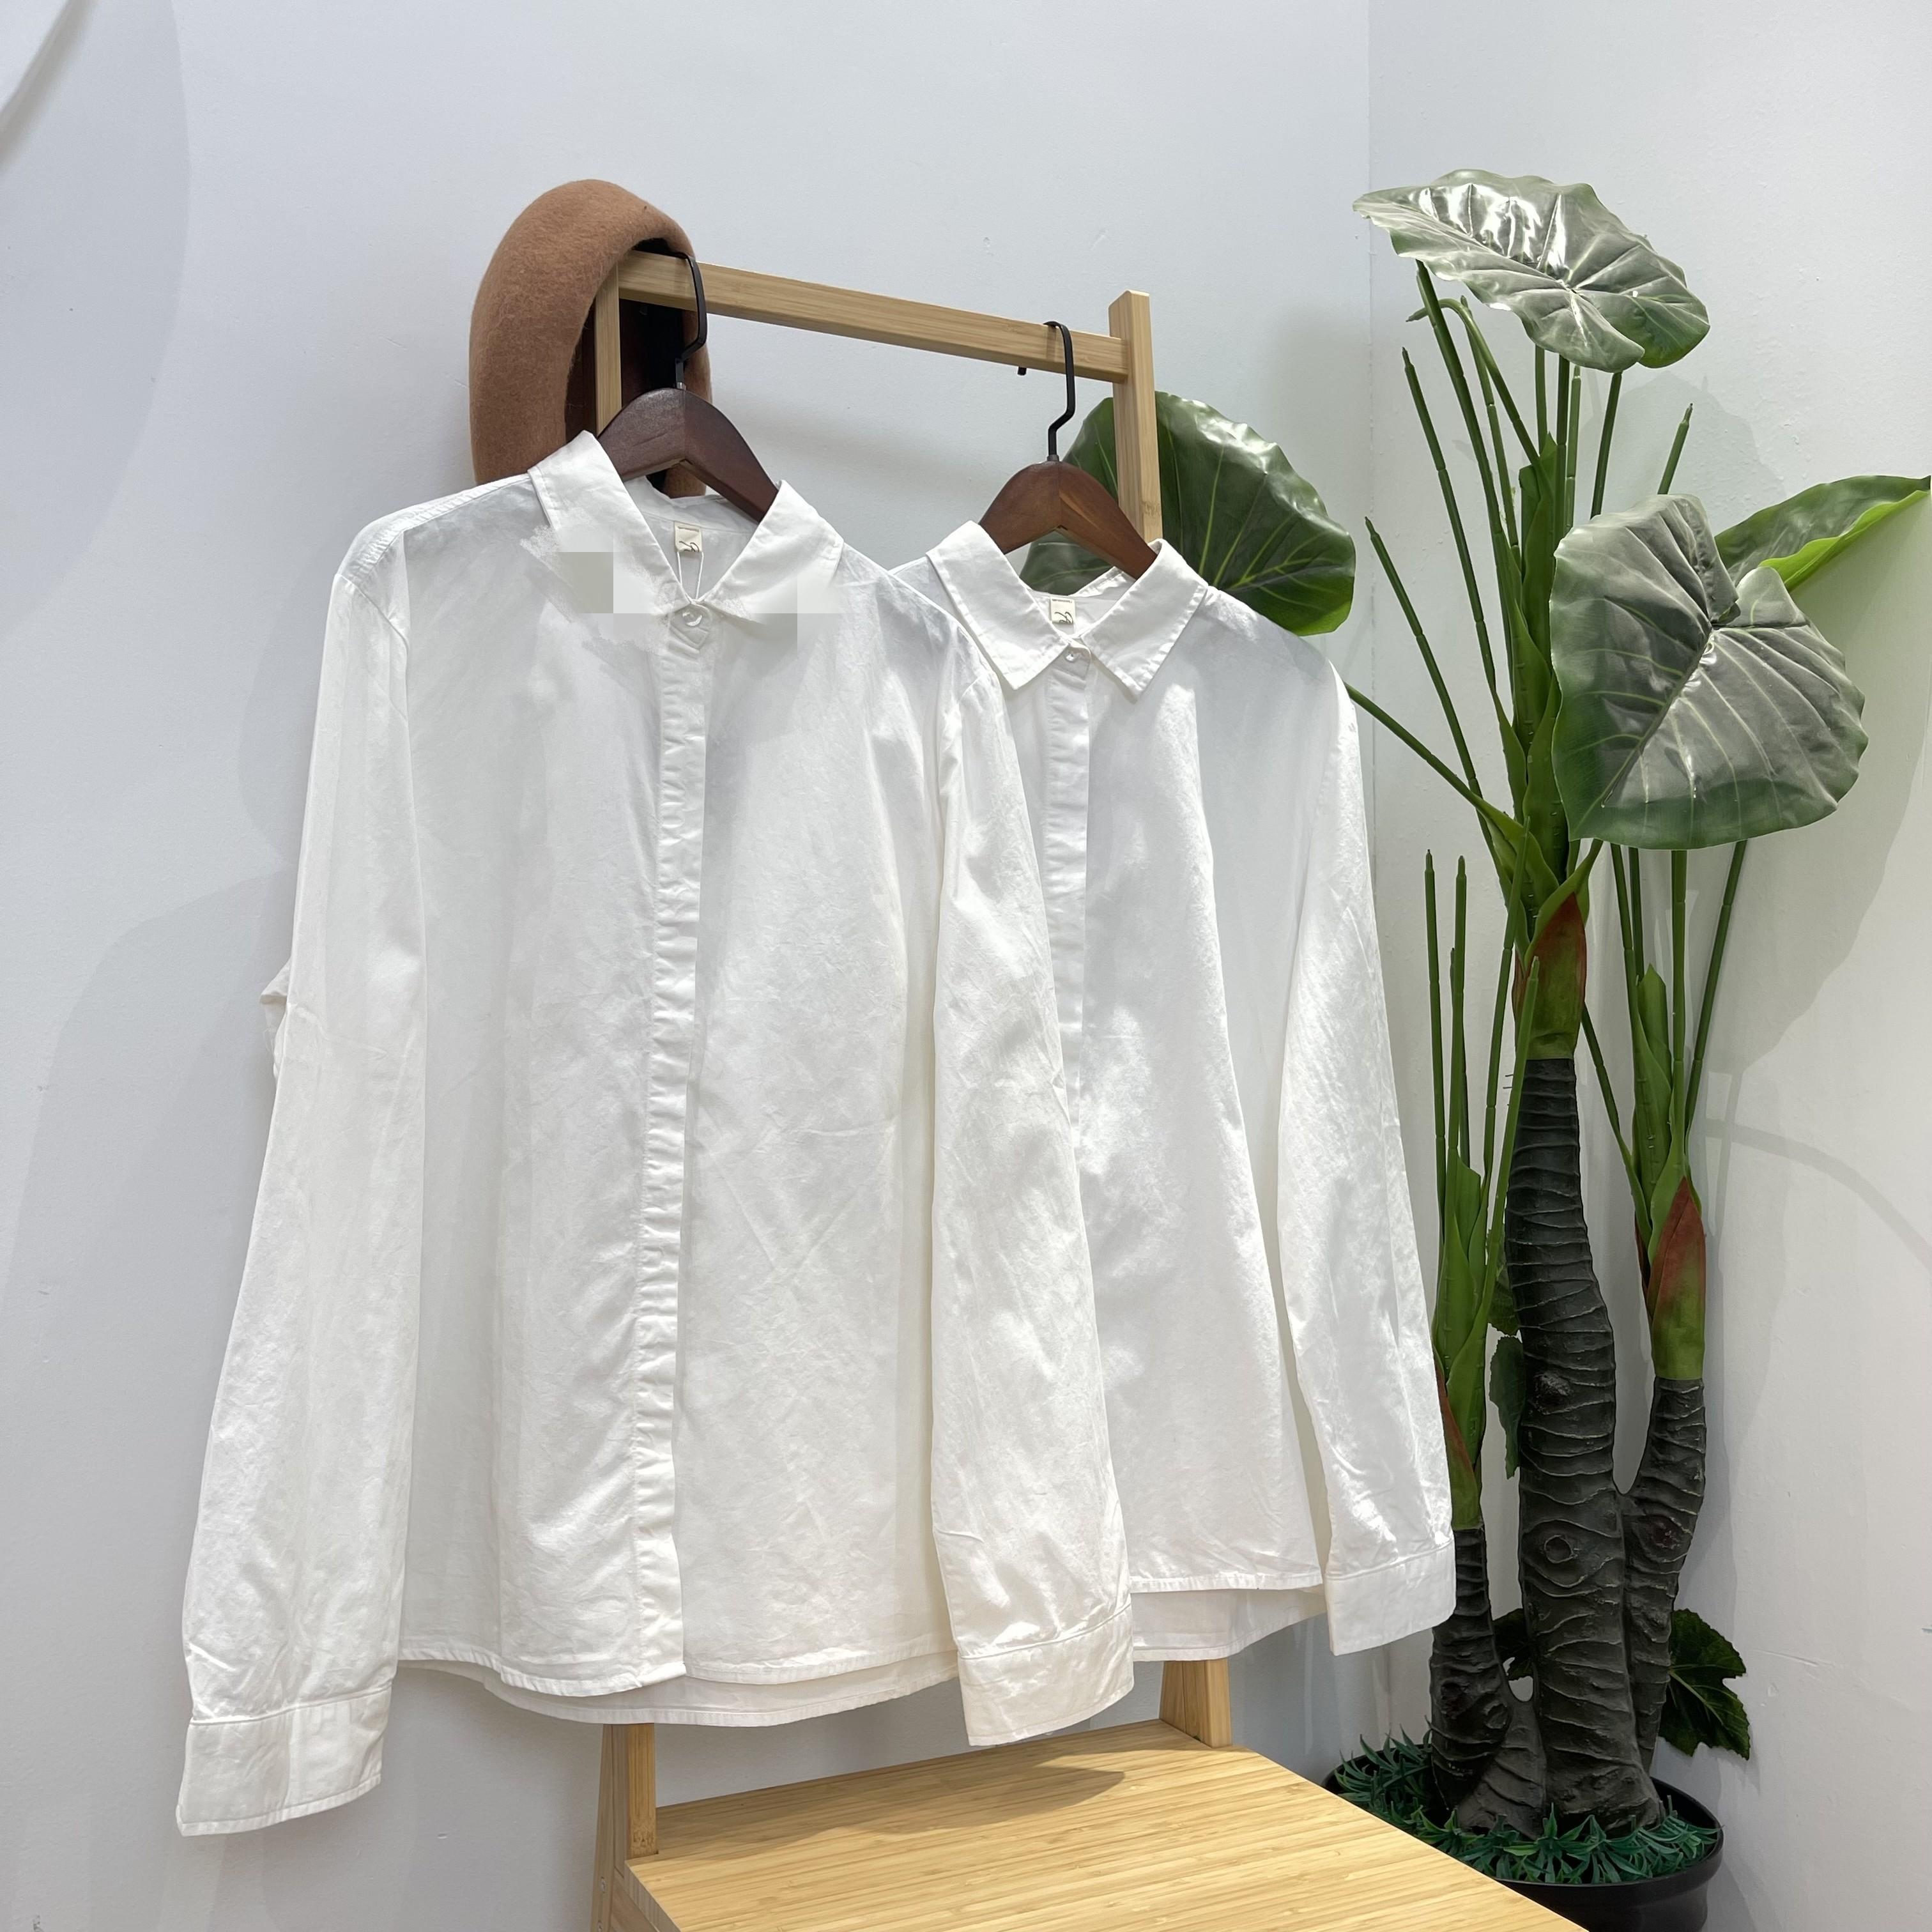 纯棉白衬衫女装长袖春季新款打底衫衬衣休闲修身职业装上衣白色